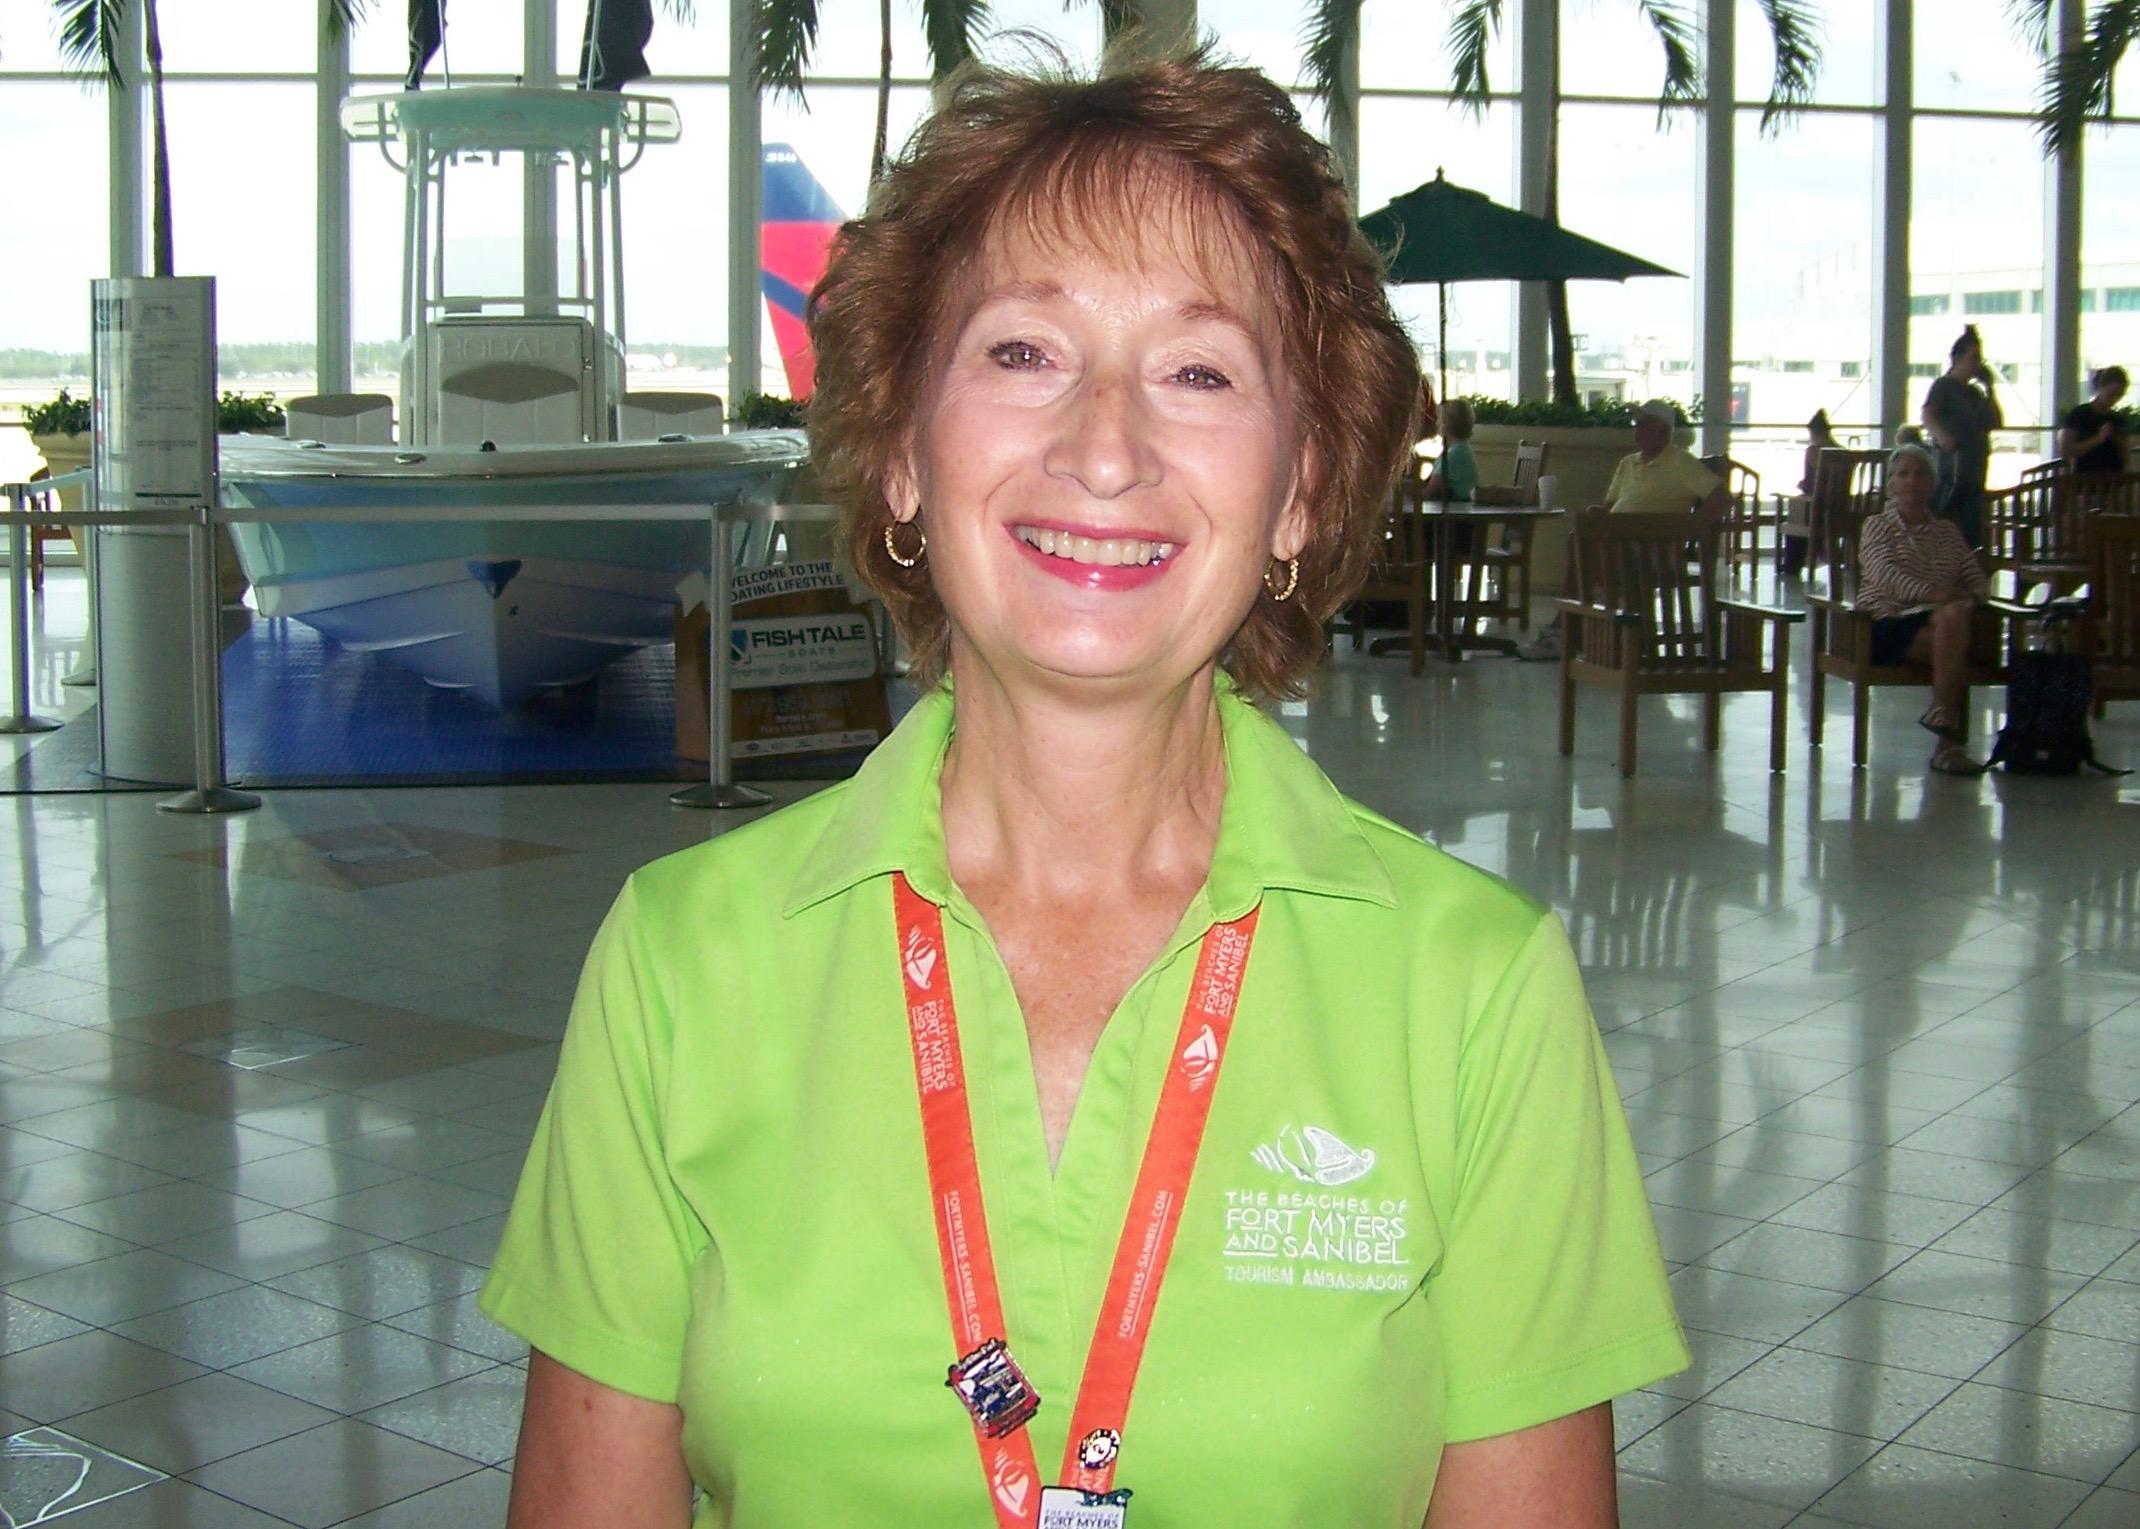 Volunteer - Valerie Lindner